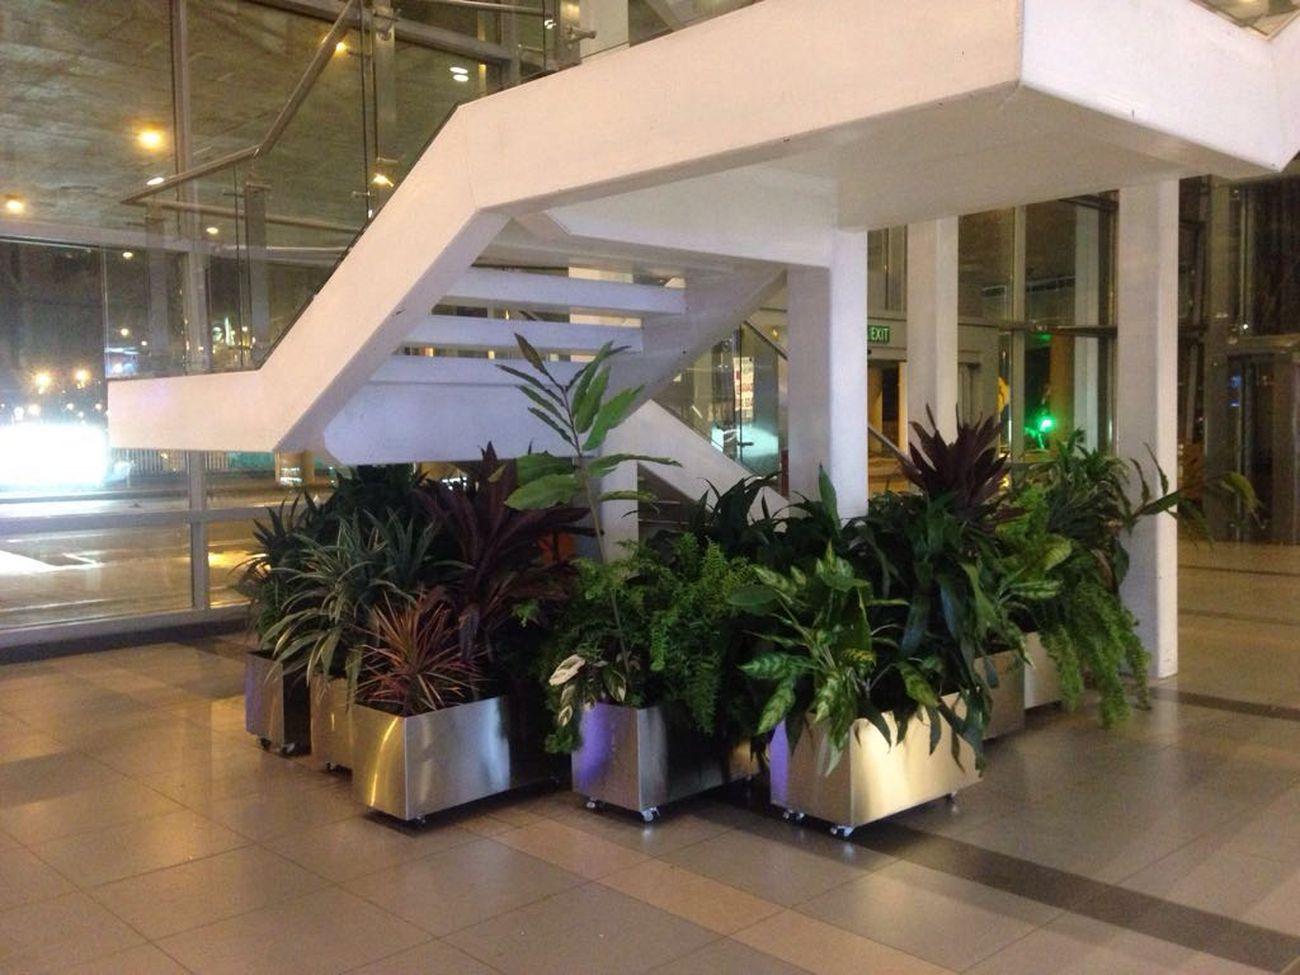 Jardines interiores en edificios elegant espacios - Restaurante noto marbella ...